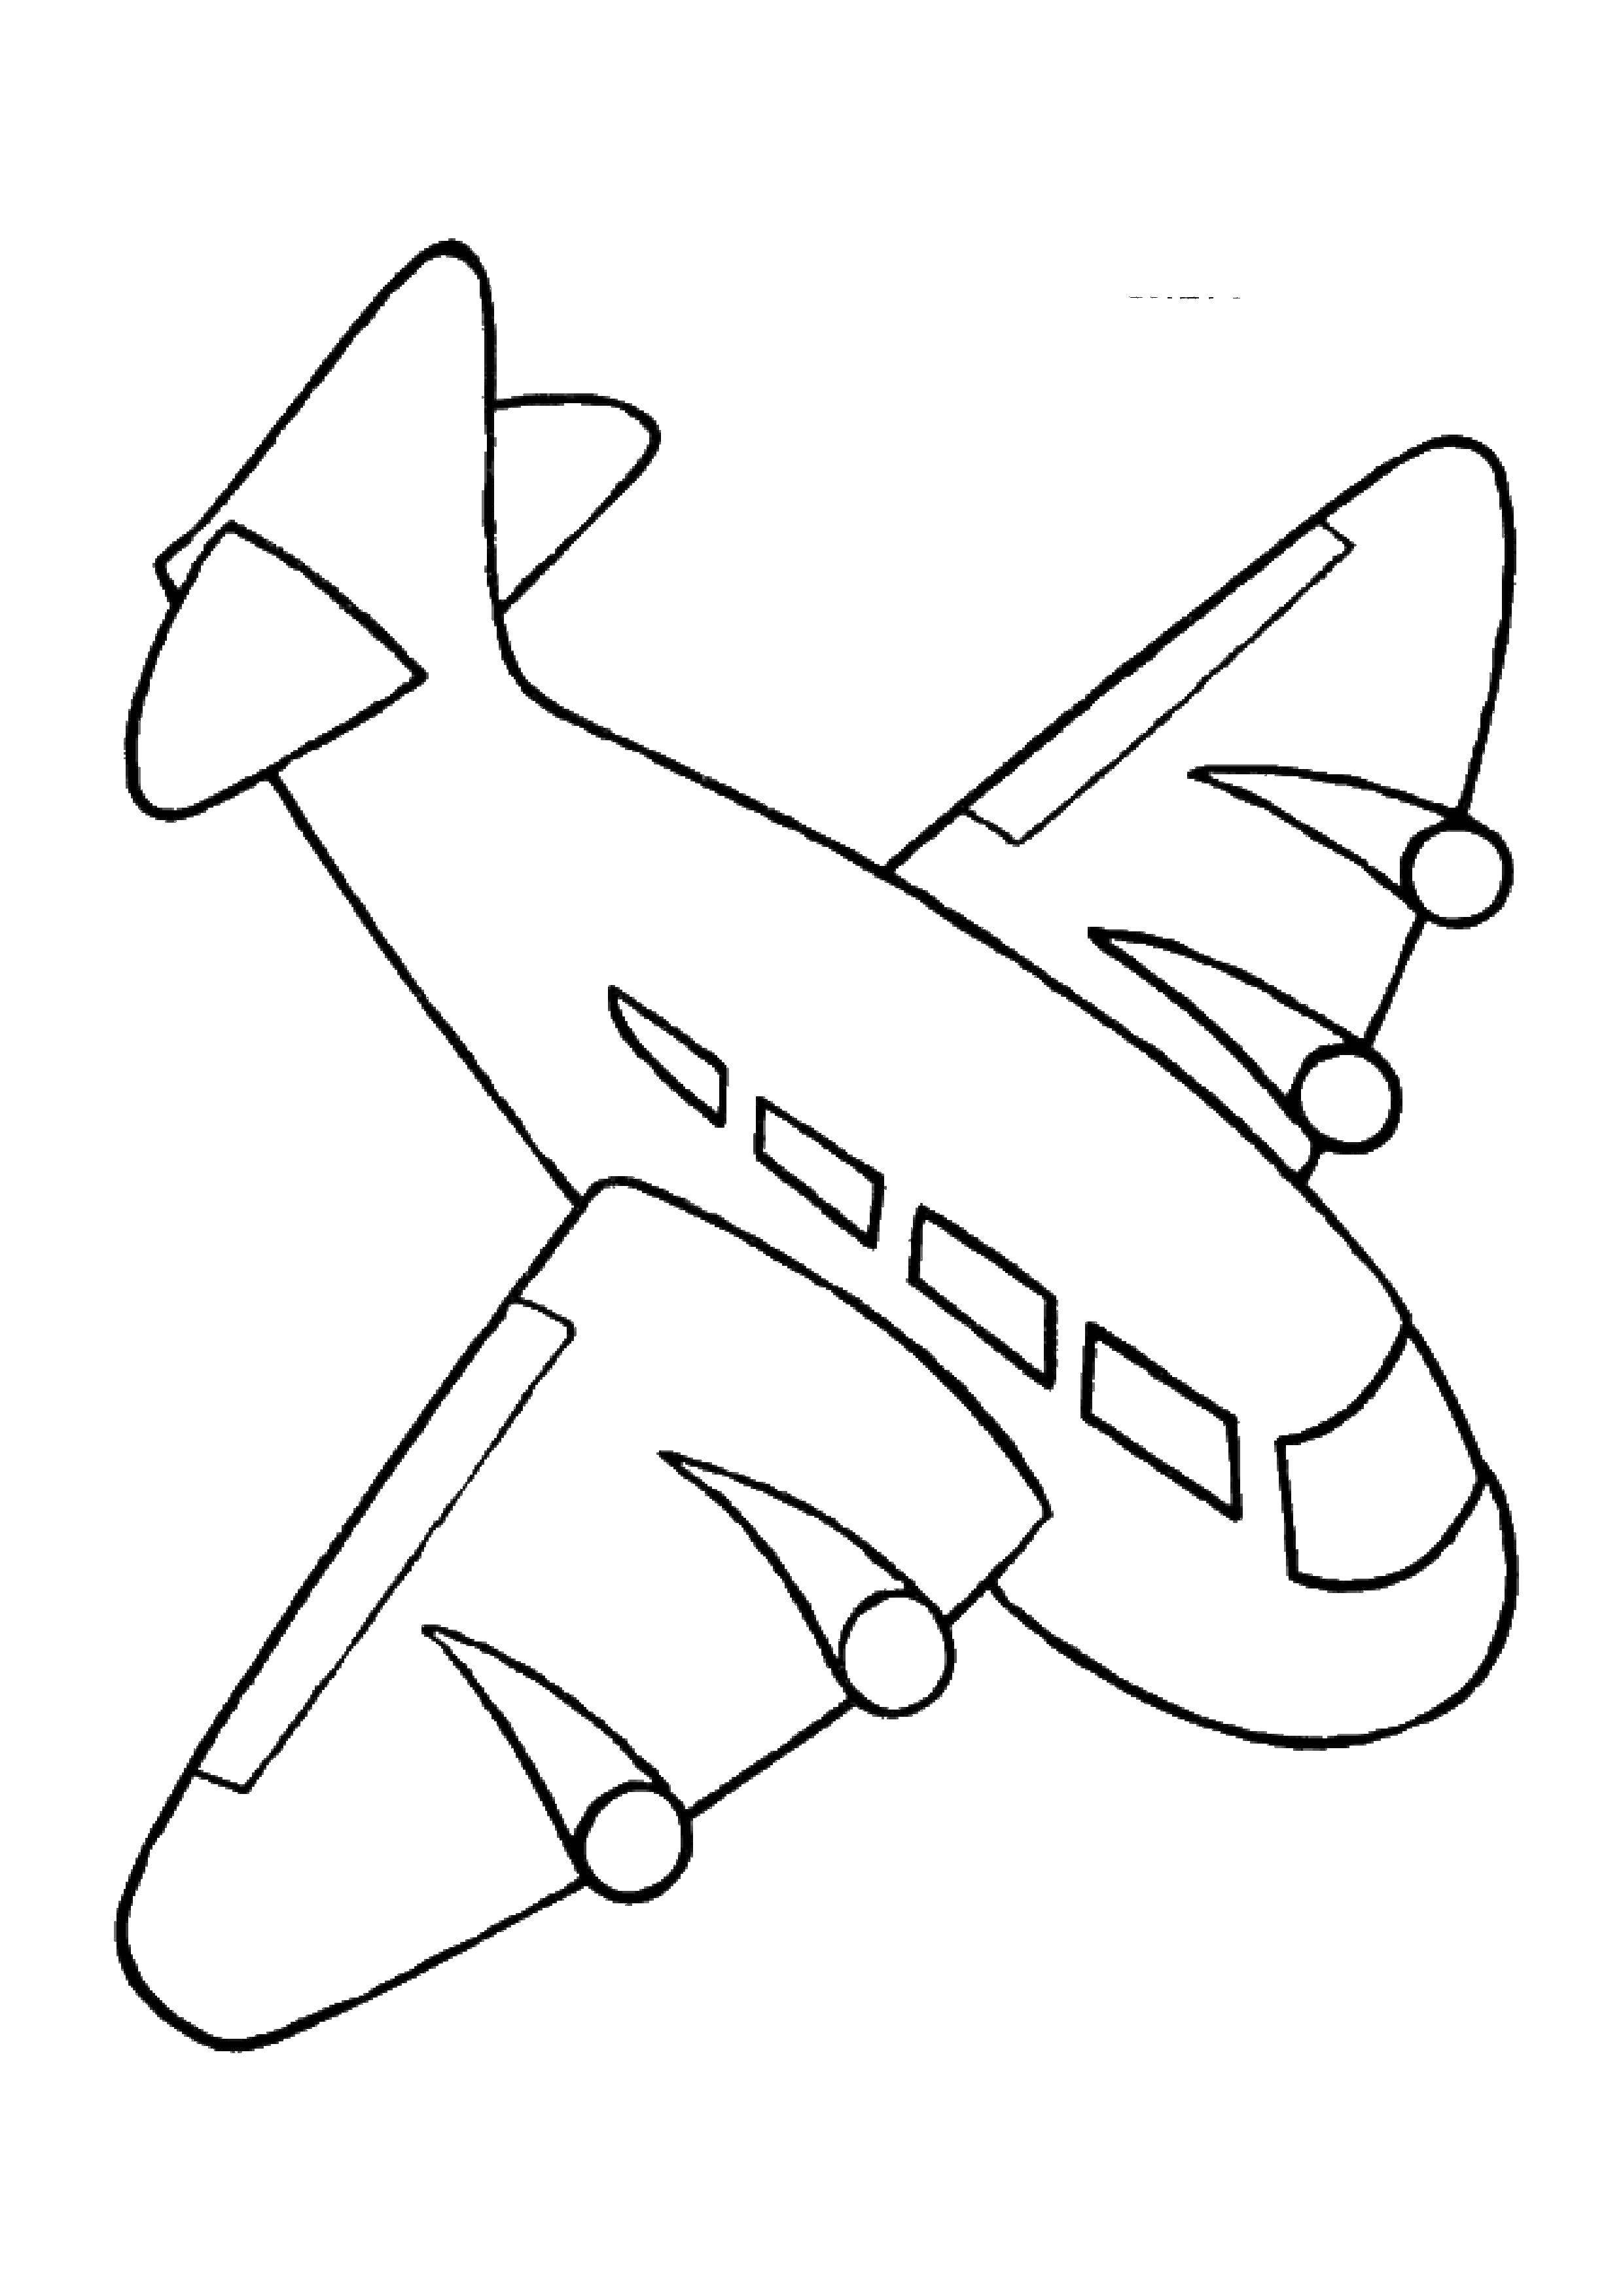 друзья, картинка самолет раскрасить оказывает услуги, курсы-ип